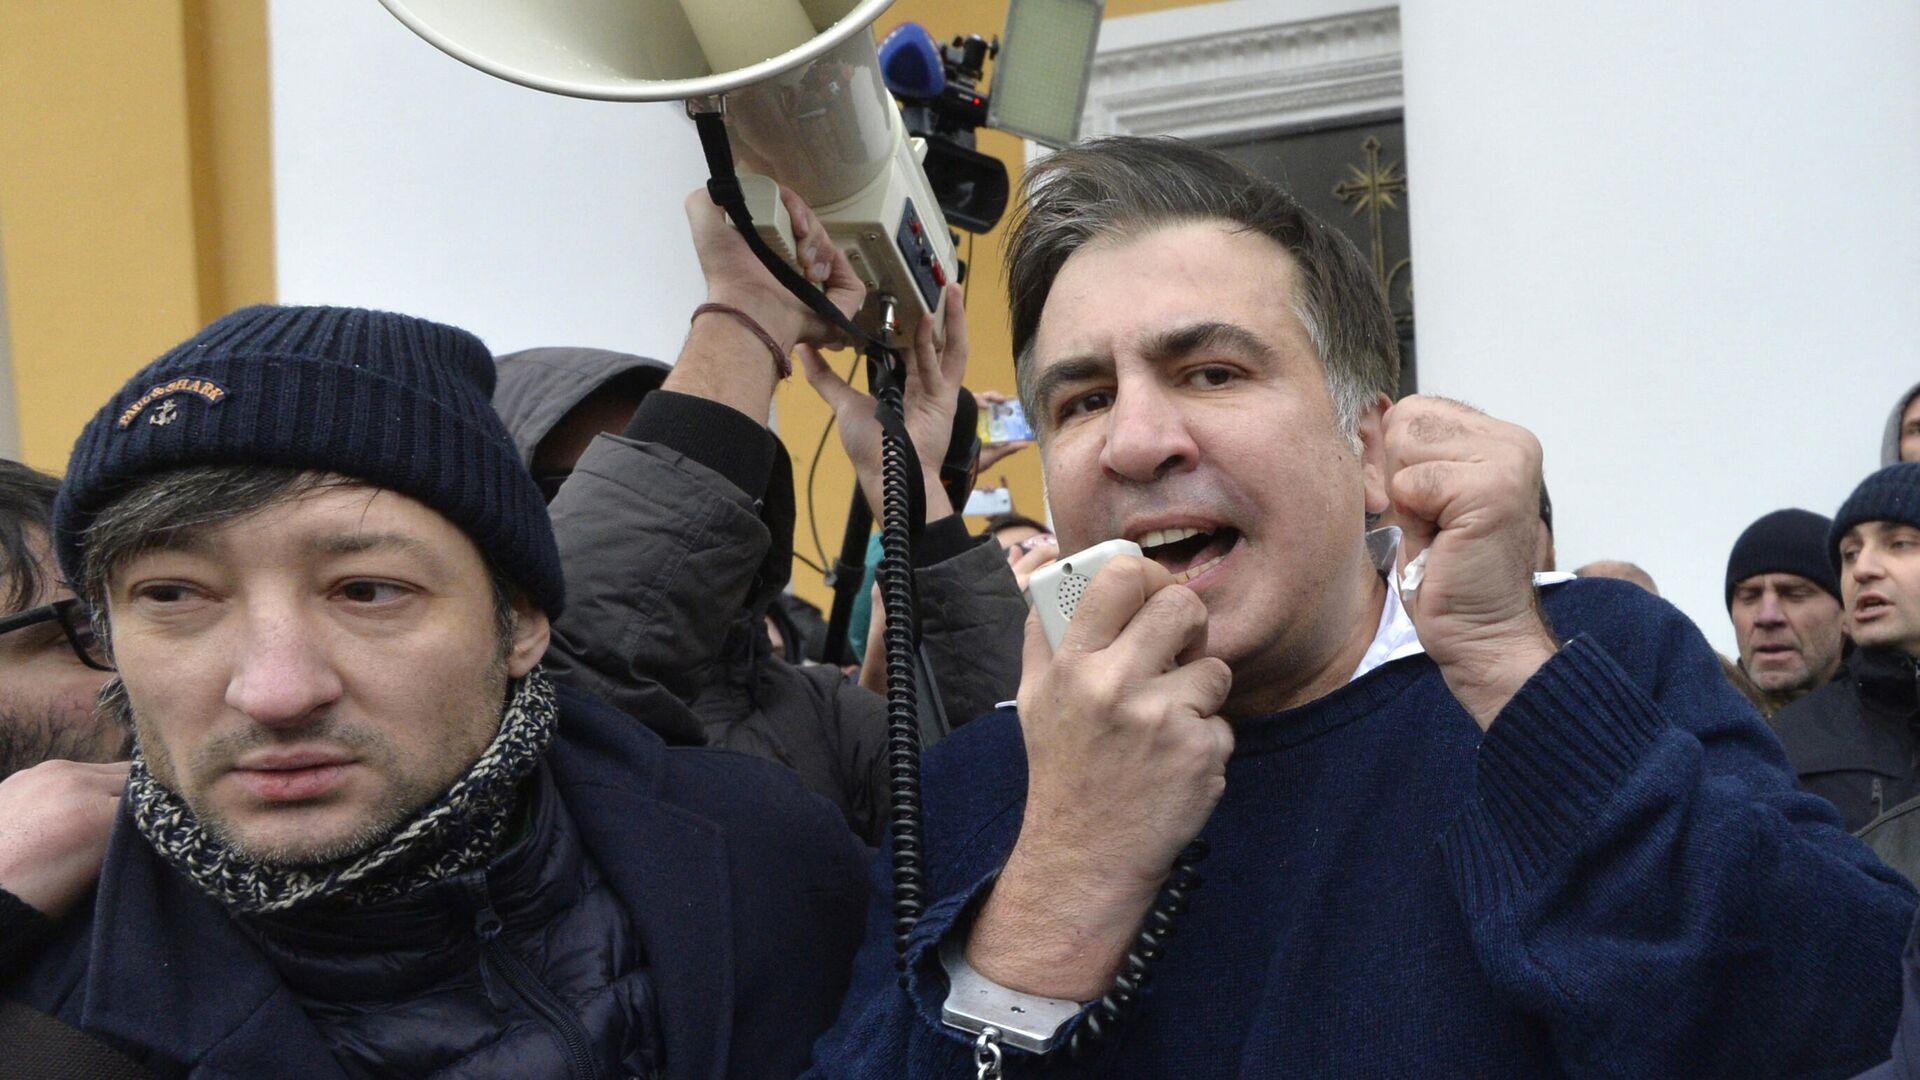 Бывший президент Грузии Михаил Саакашвили в Киеве - РИА Новости, 1920, 02.10.2021